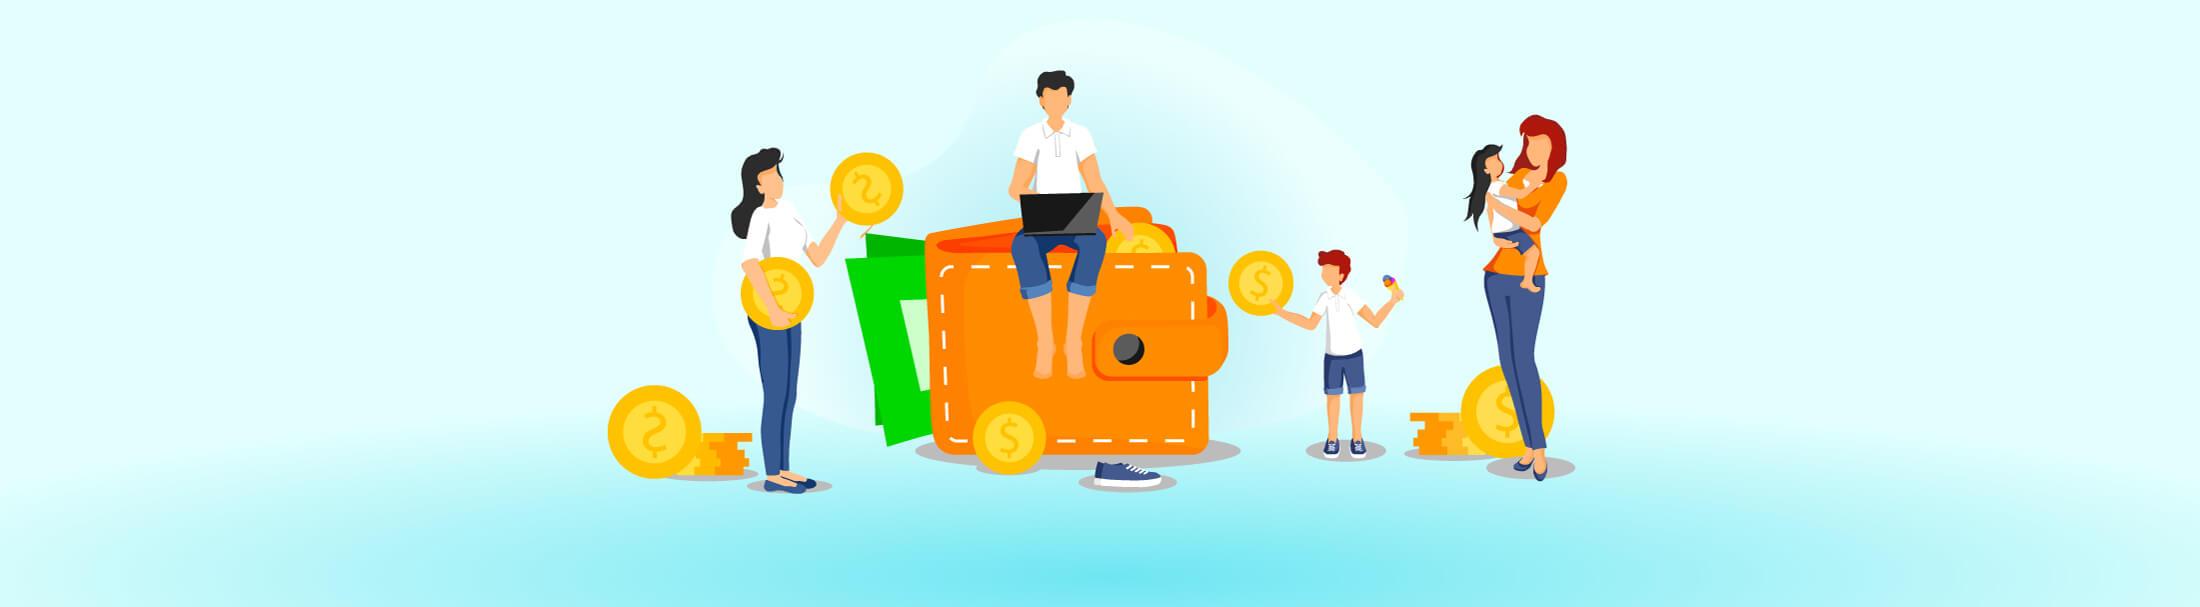 گفتوگو با کودکان و نوجوانان دربارهی بحران مالی در خانواده